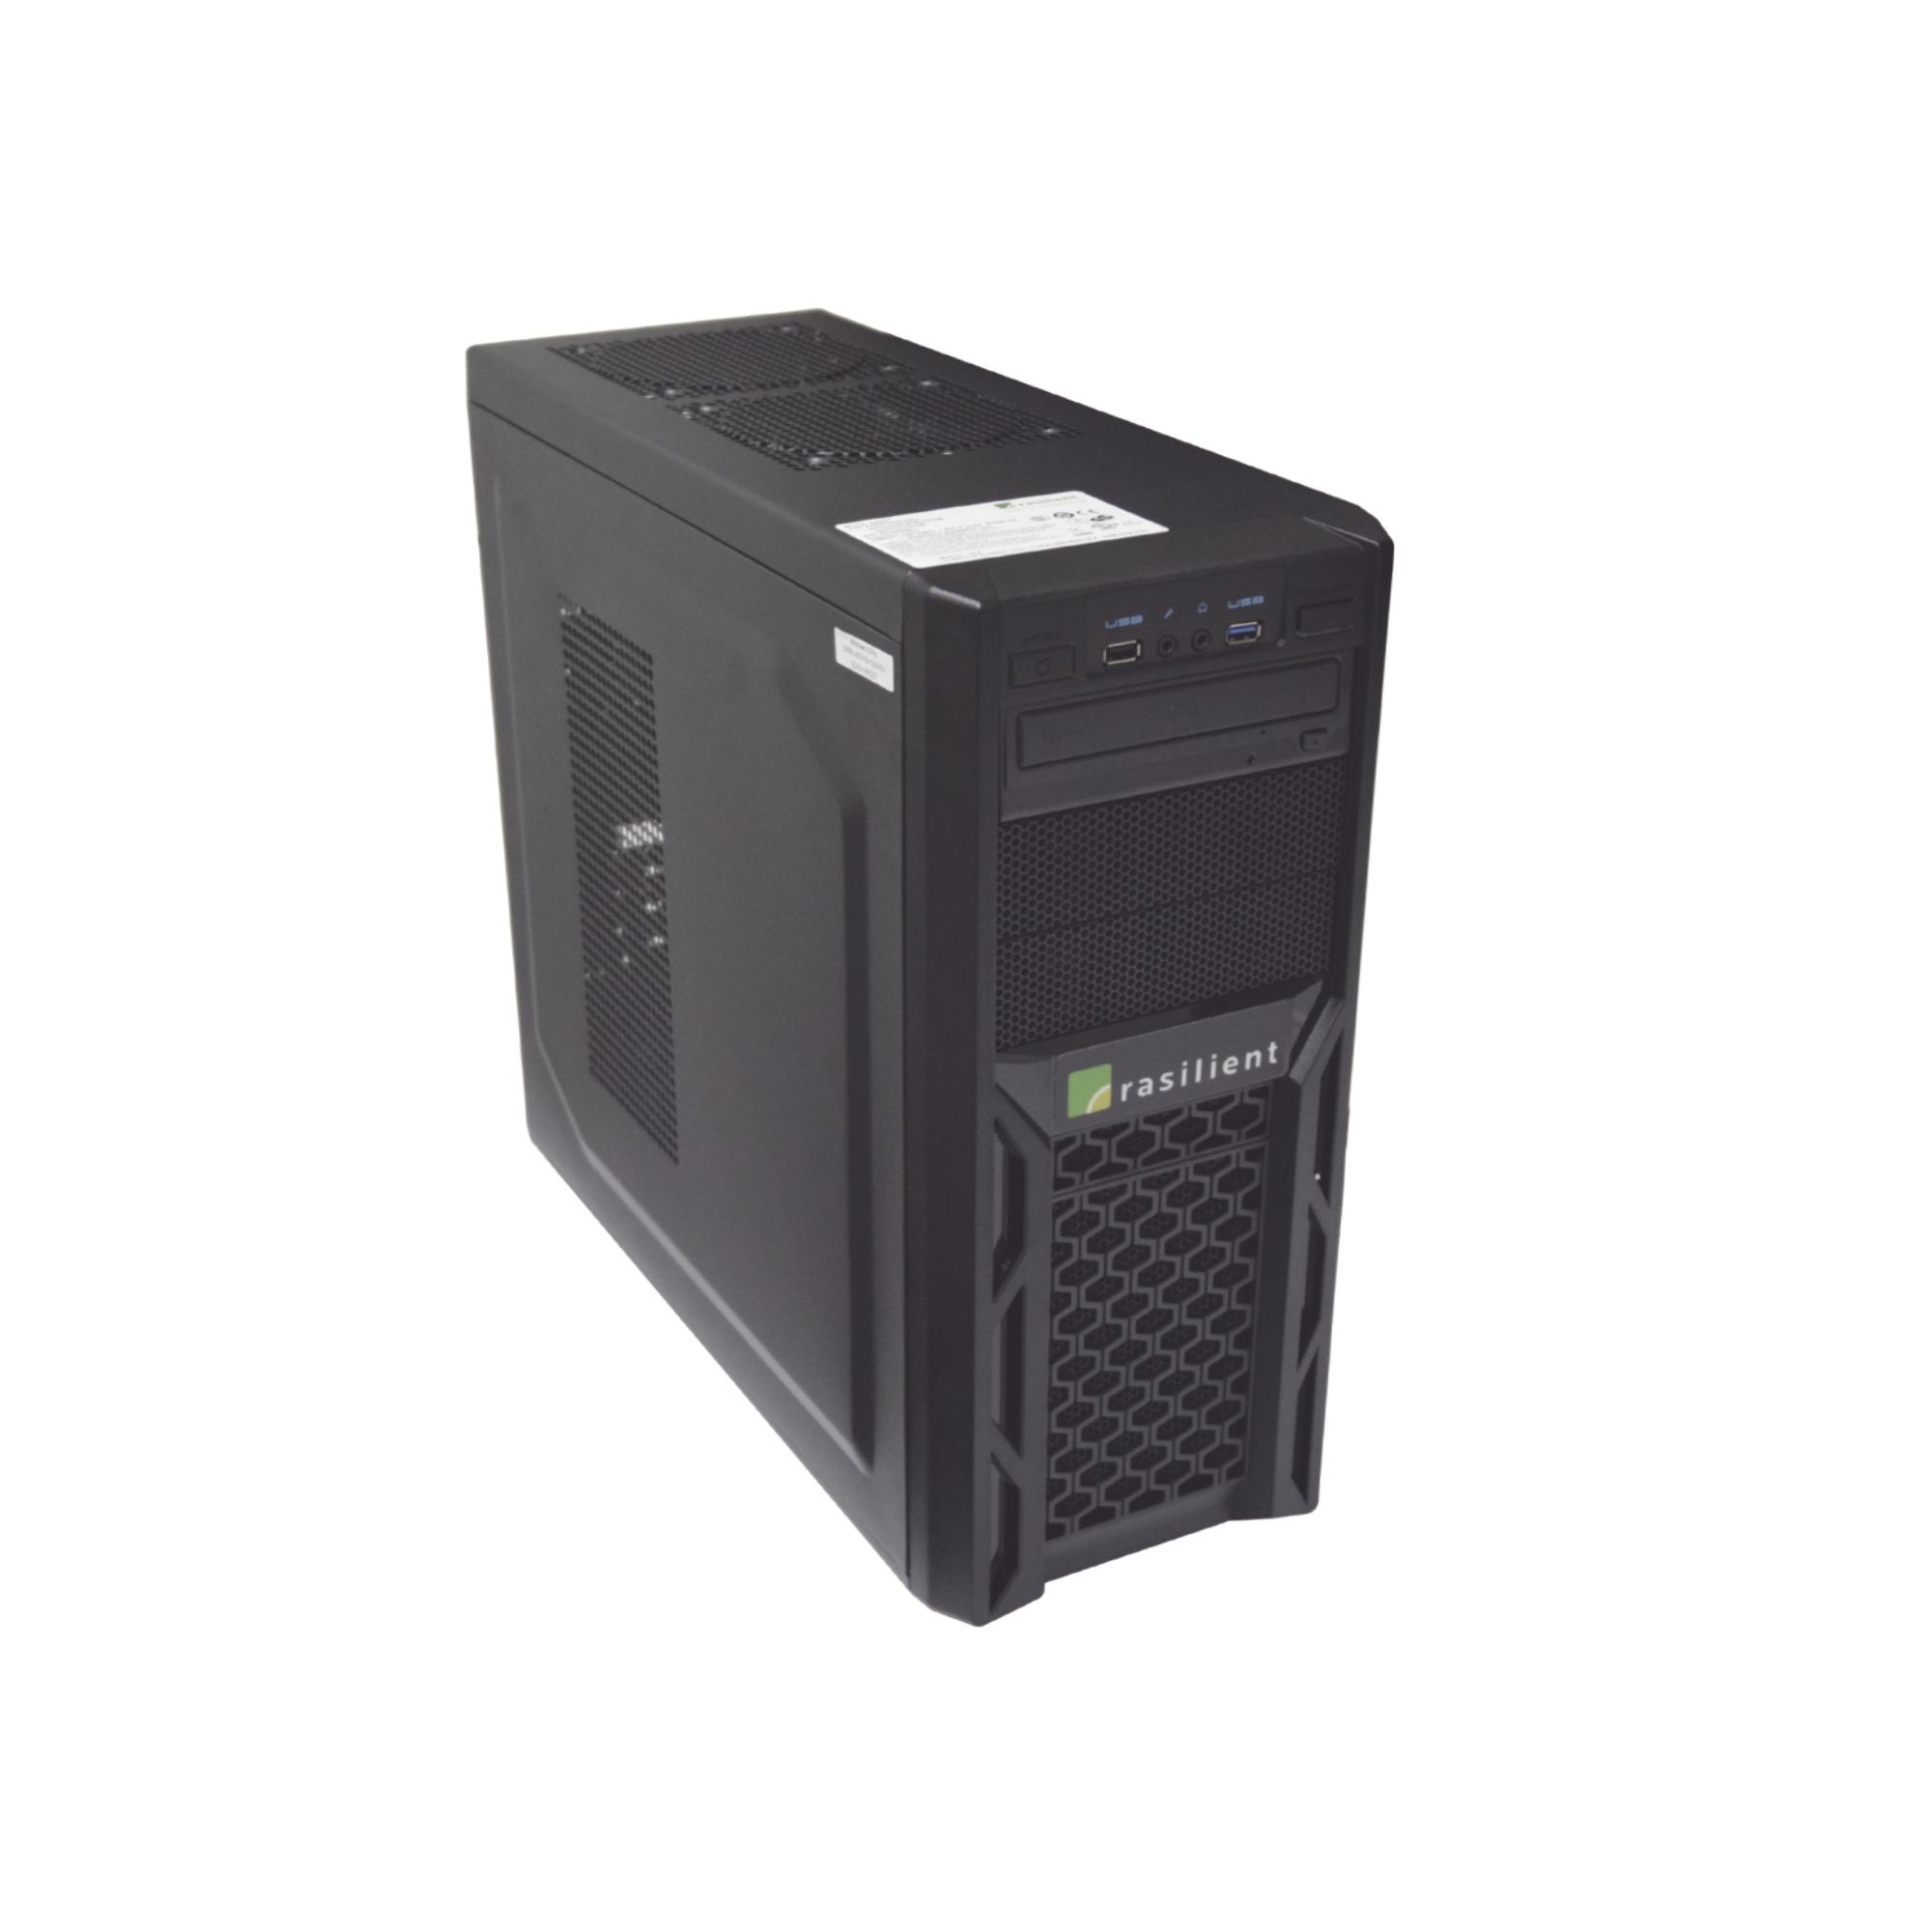 Estación de Trabajo para Visualización 4K/Grabación Videovigilancia, ALTO DESEMPEÑO, Xeon E3, 240GB SSD, 8GB RAM, GTX 1050 4GB